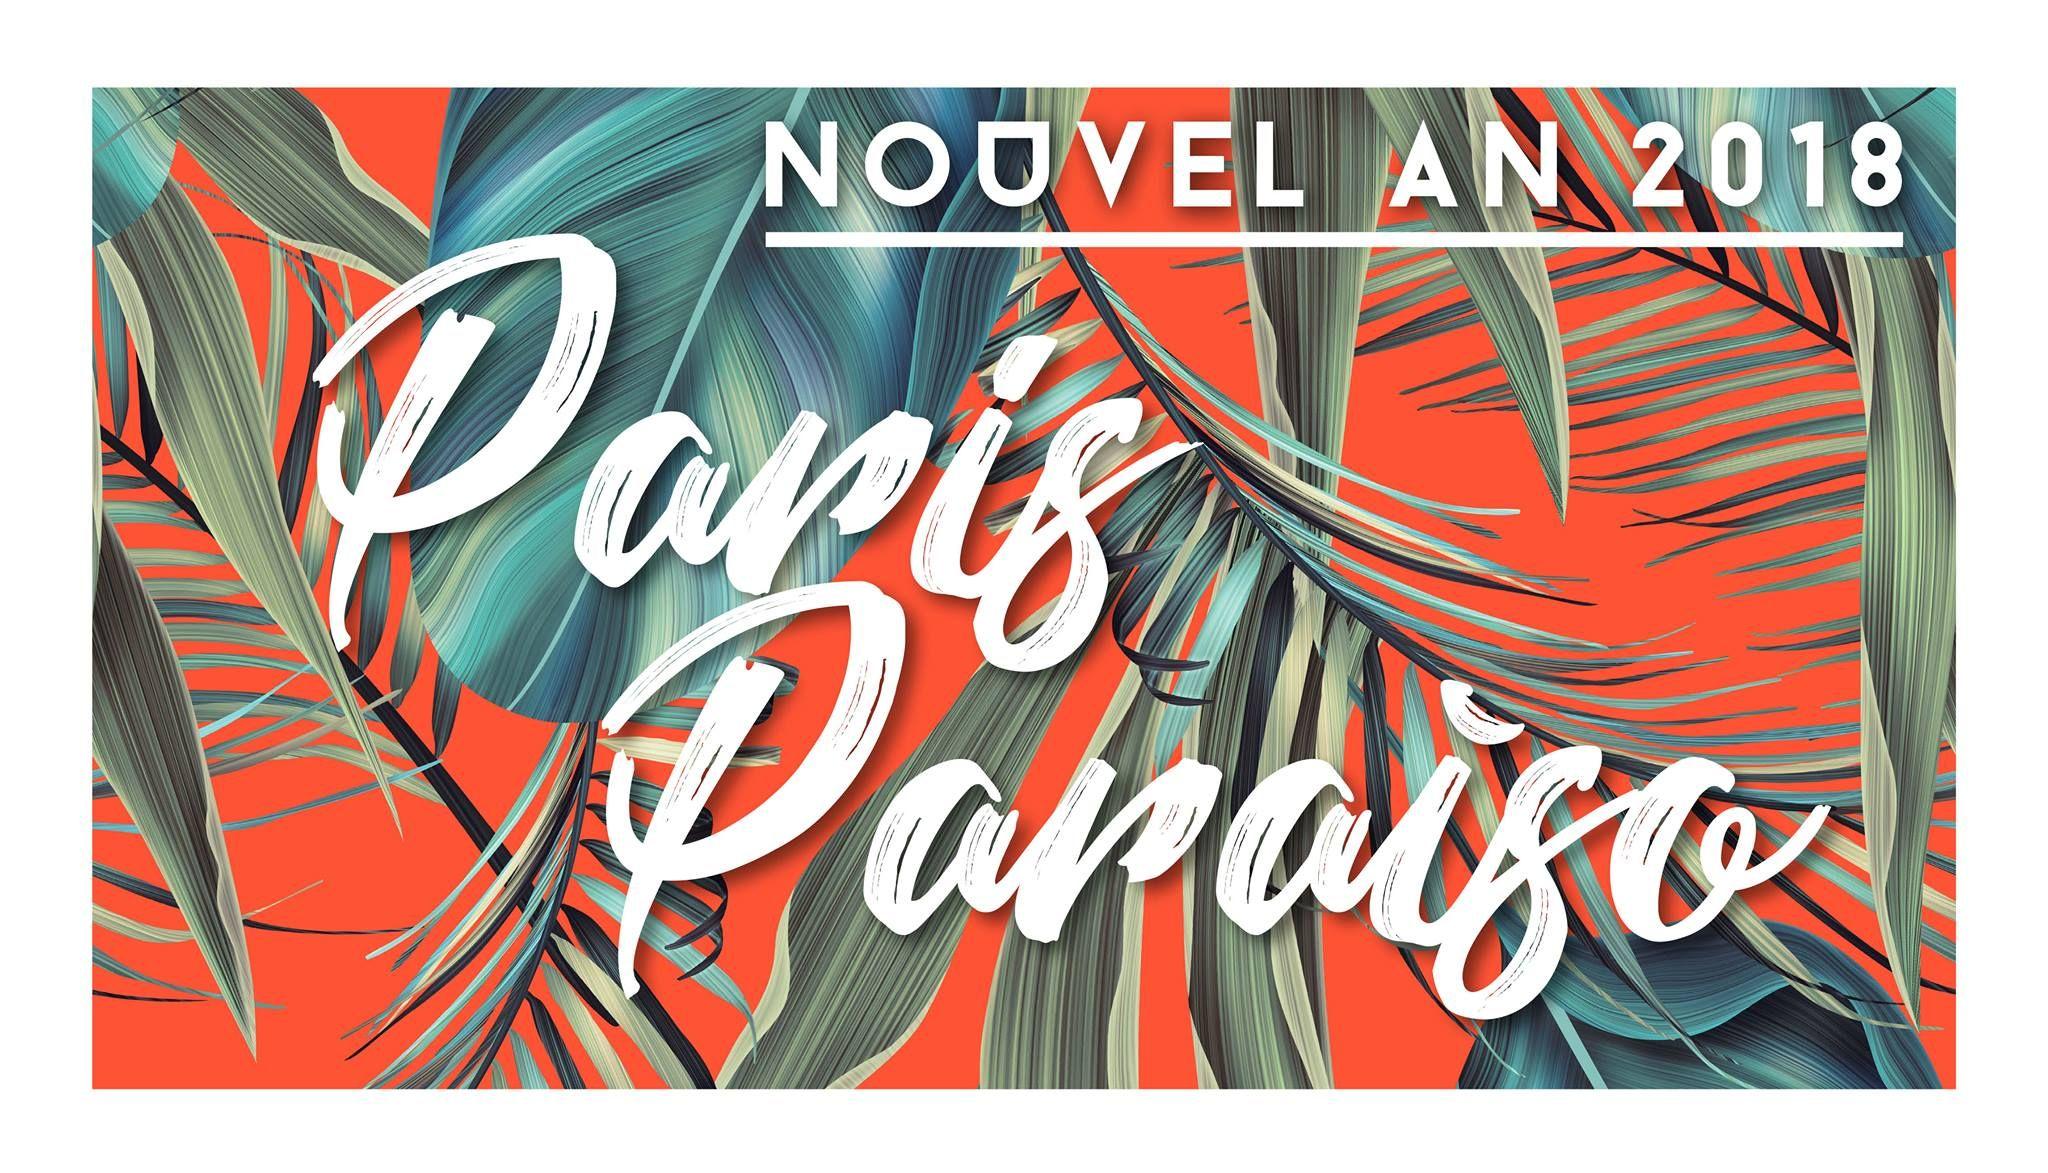 Paris Food & Drink Events: Nouvel An 2018 : Paris Paraiso December 31, 2017 @ 19:00 - January 1, 2018 @ 04:00€40 - €450